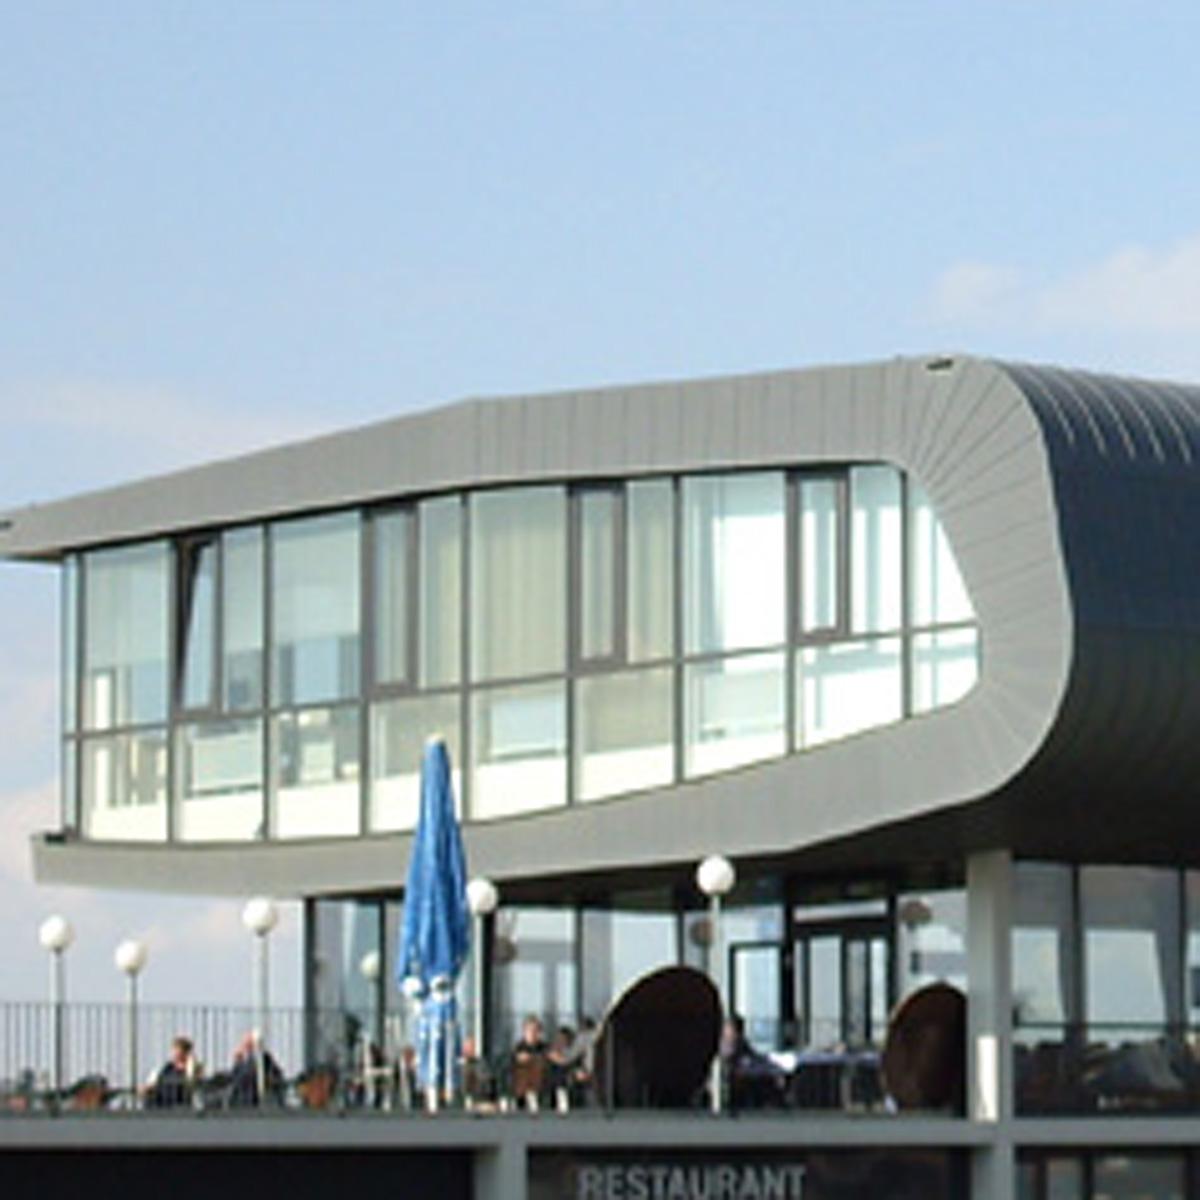 Restaurant de l'aéroport de Lausanne